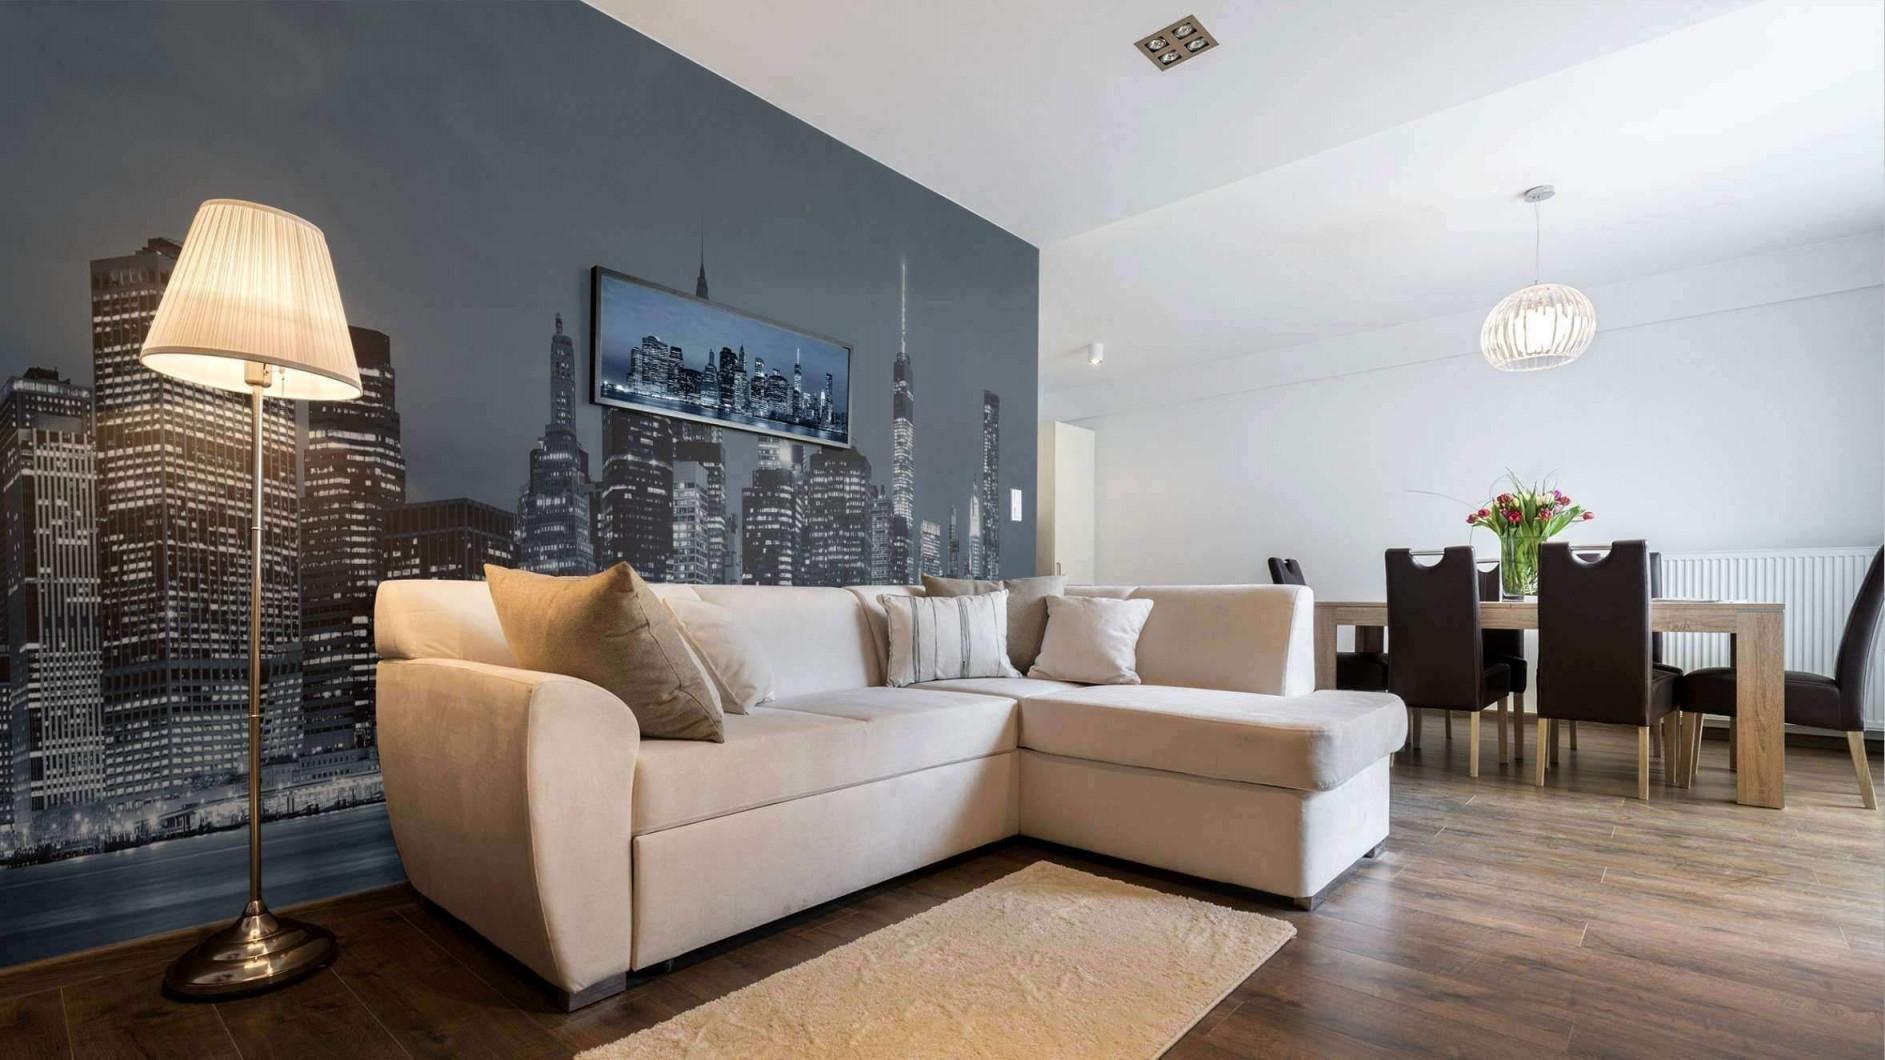 Wohnzimmer Gemütlich Einrichten Einzigartig Inspirierend von Moderne Gemütliche Wohnzimmer Bild